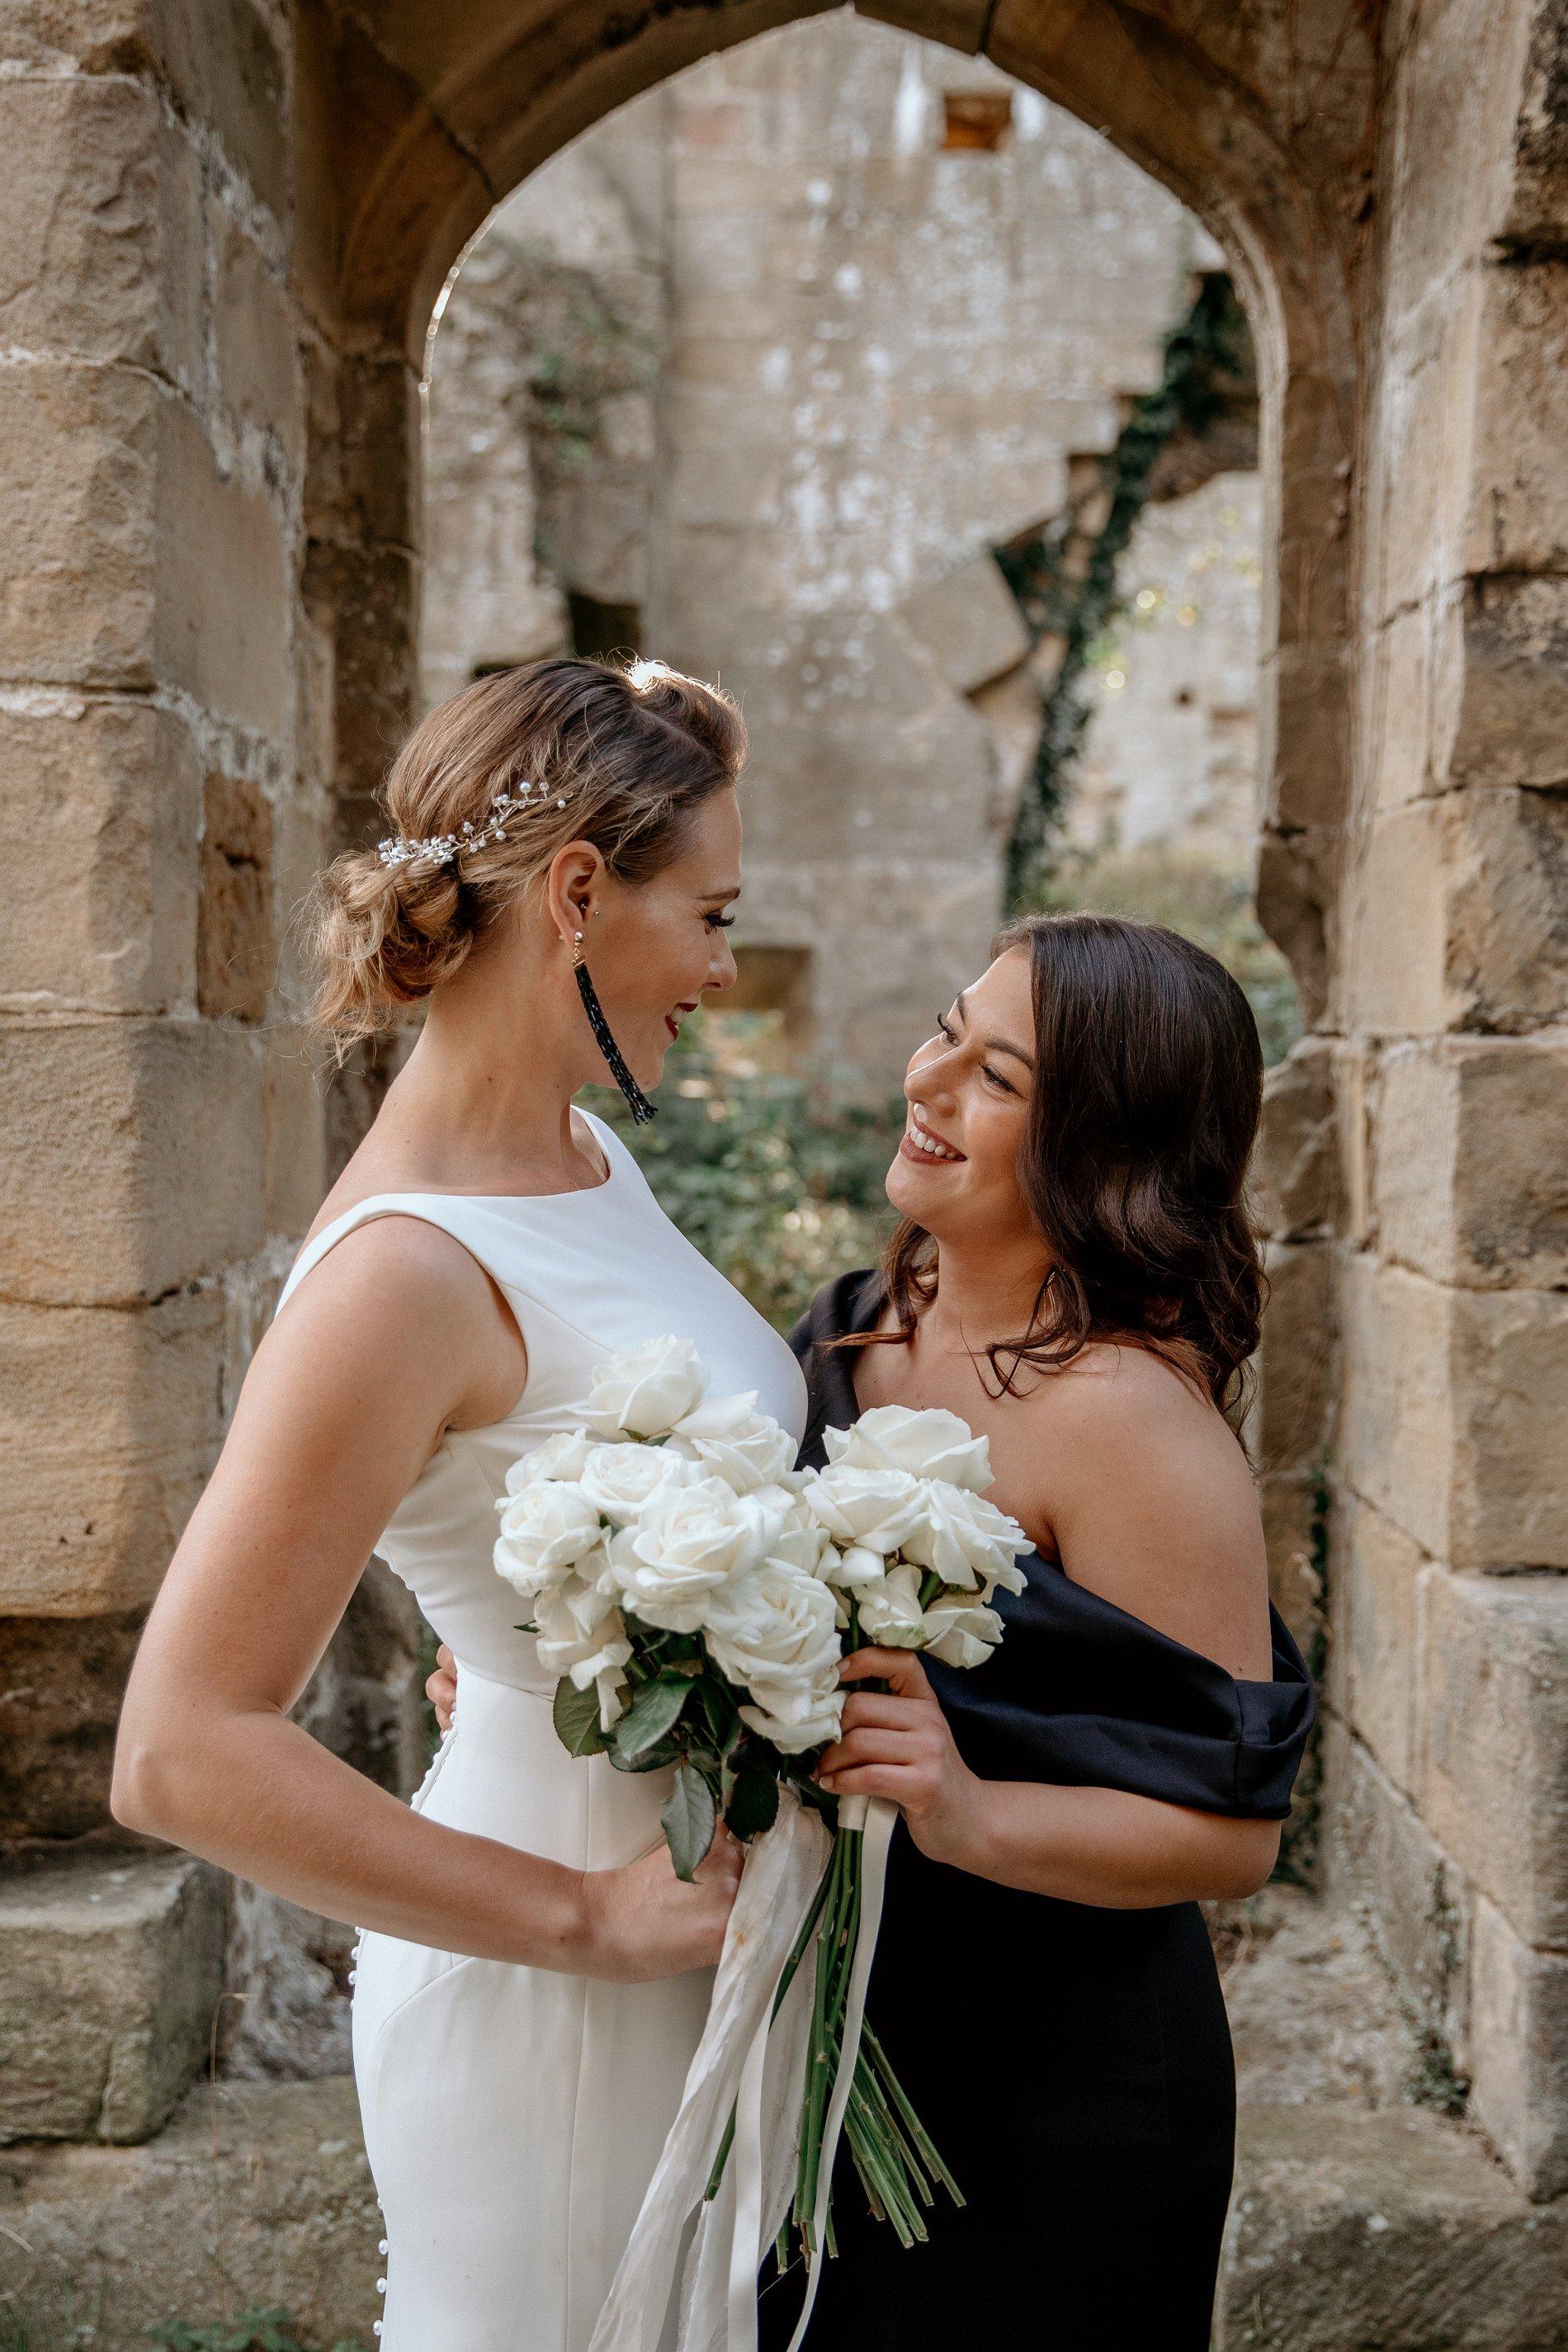 An Elegant Wedding Shoot at Jervaulx Abbey (c) Natalie Hamilton Photography (58)